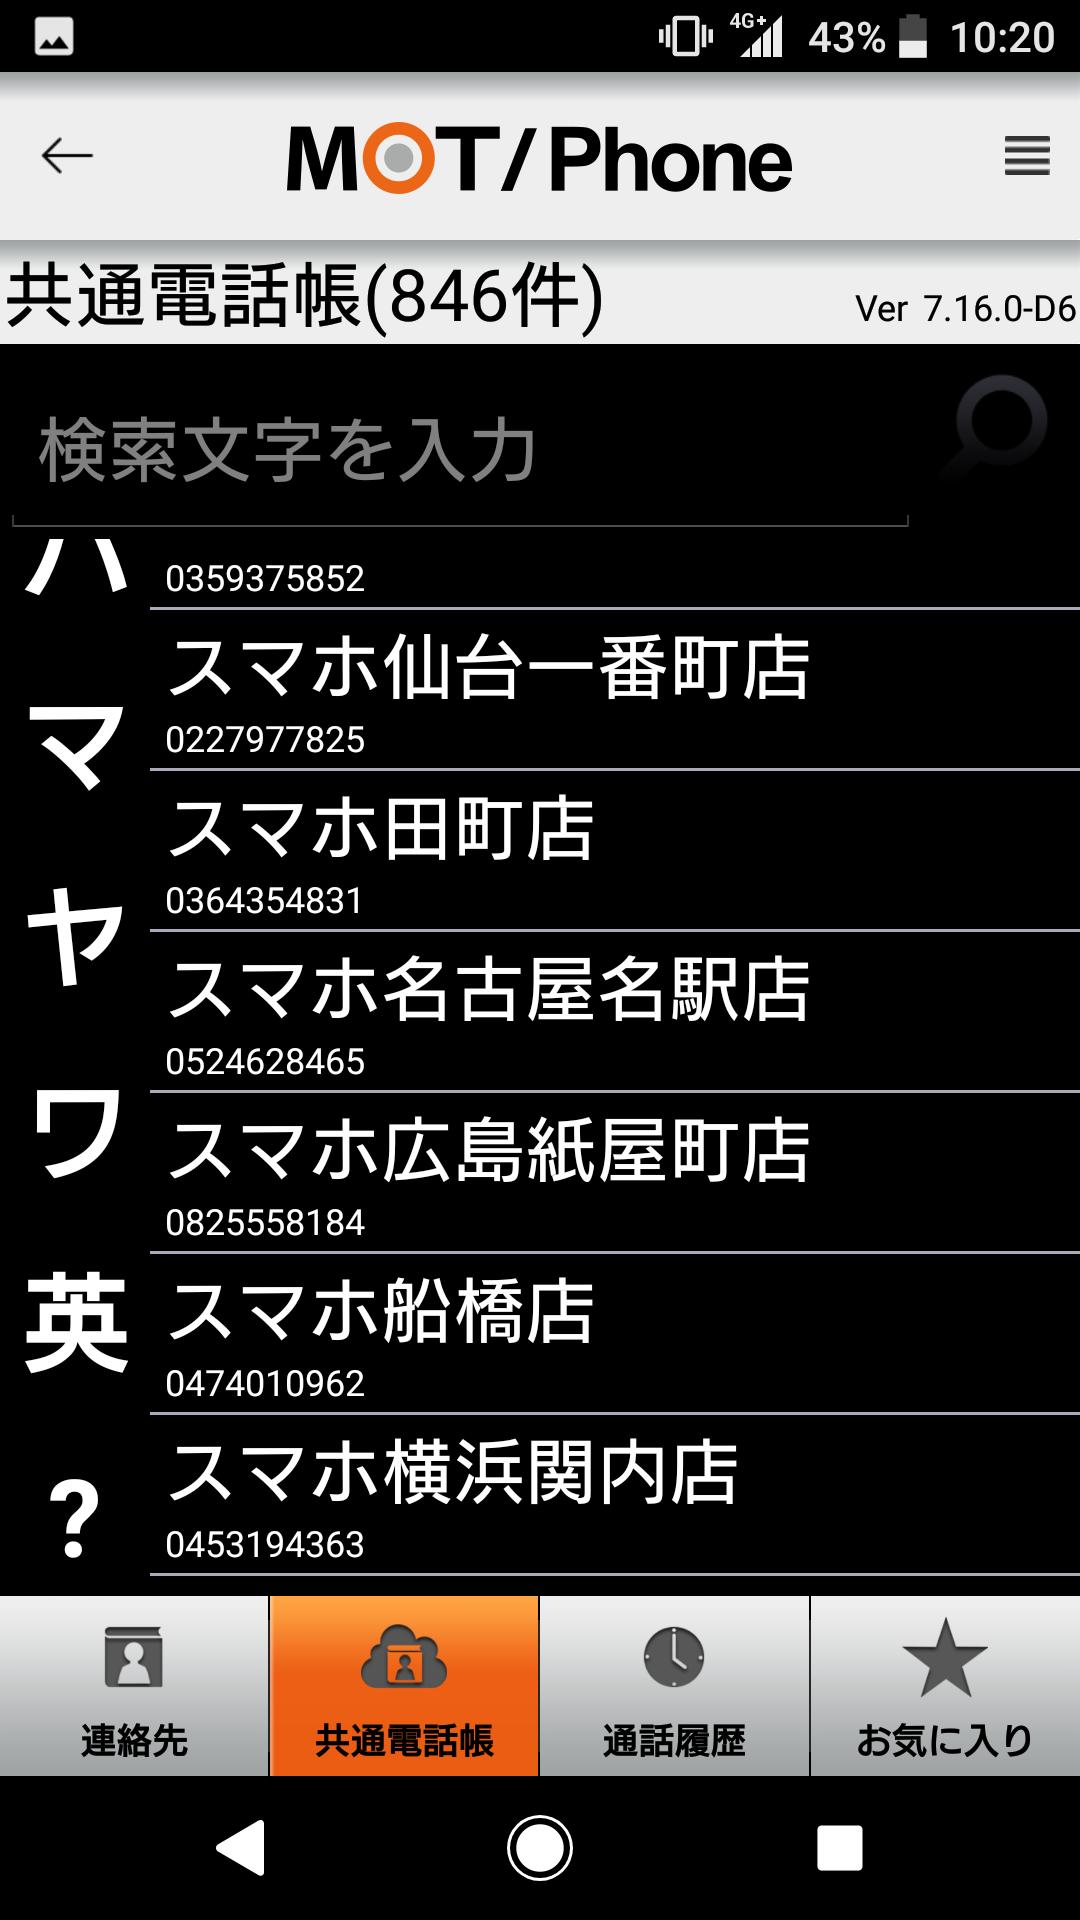 電話帳画面